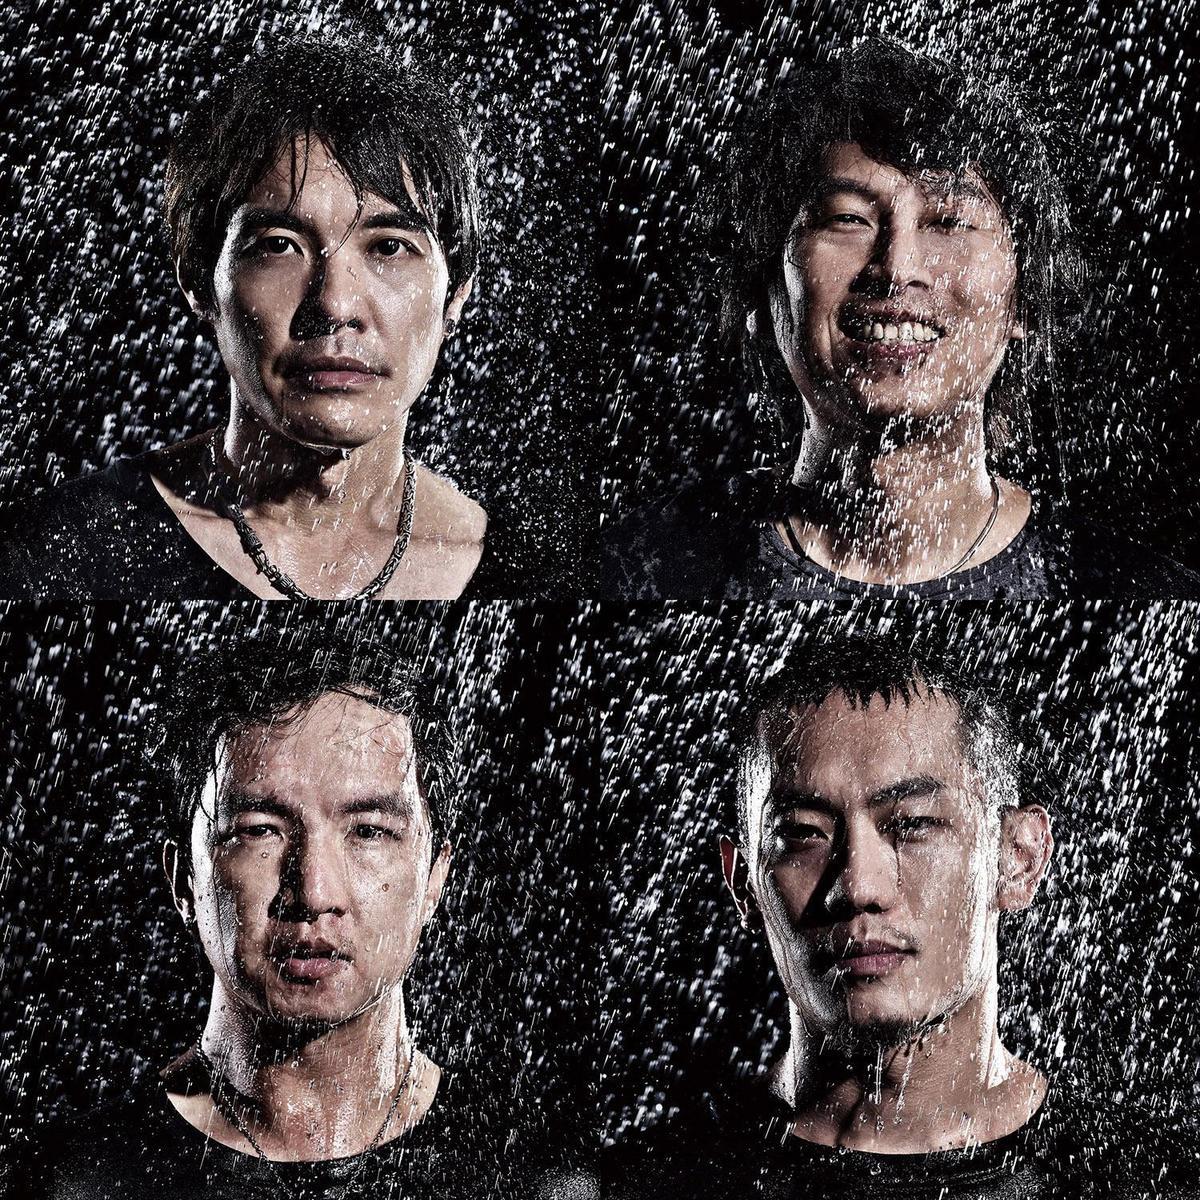 4個男人撐起一個樂團,彼此欣賞一路走來音樂、個性的變化,沒有咄咄逼人的霸氣,而是尋找彼此交集的樂趣,不會吵架是騙人的,但吵了還會繼續走下去更珍貴。 (闊思音樂提供)